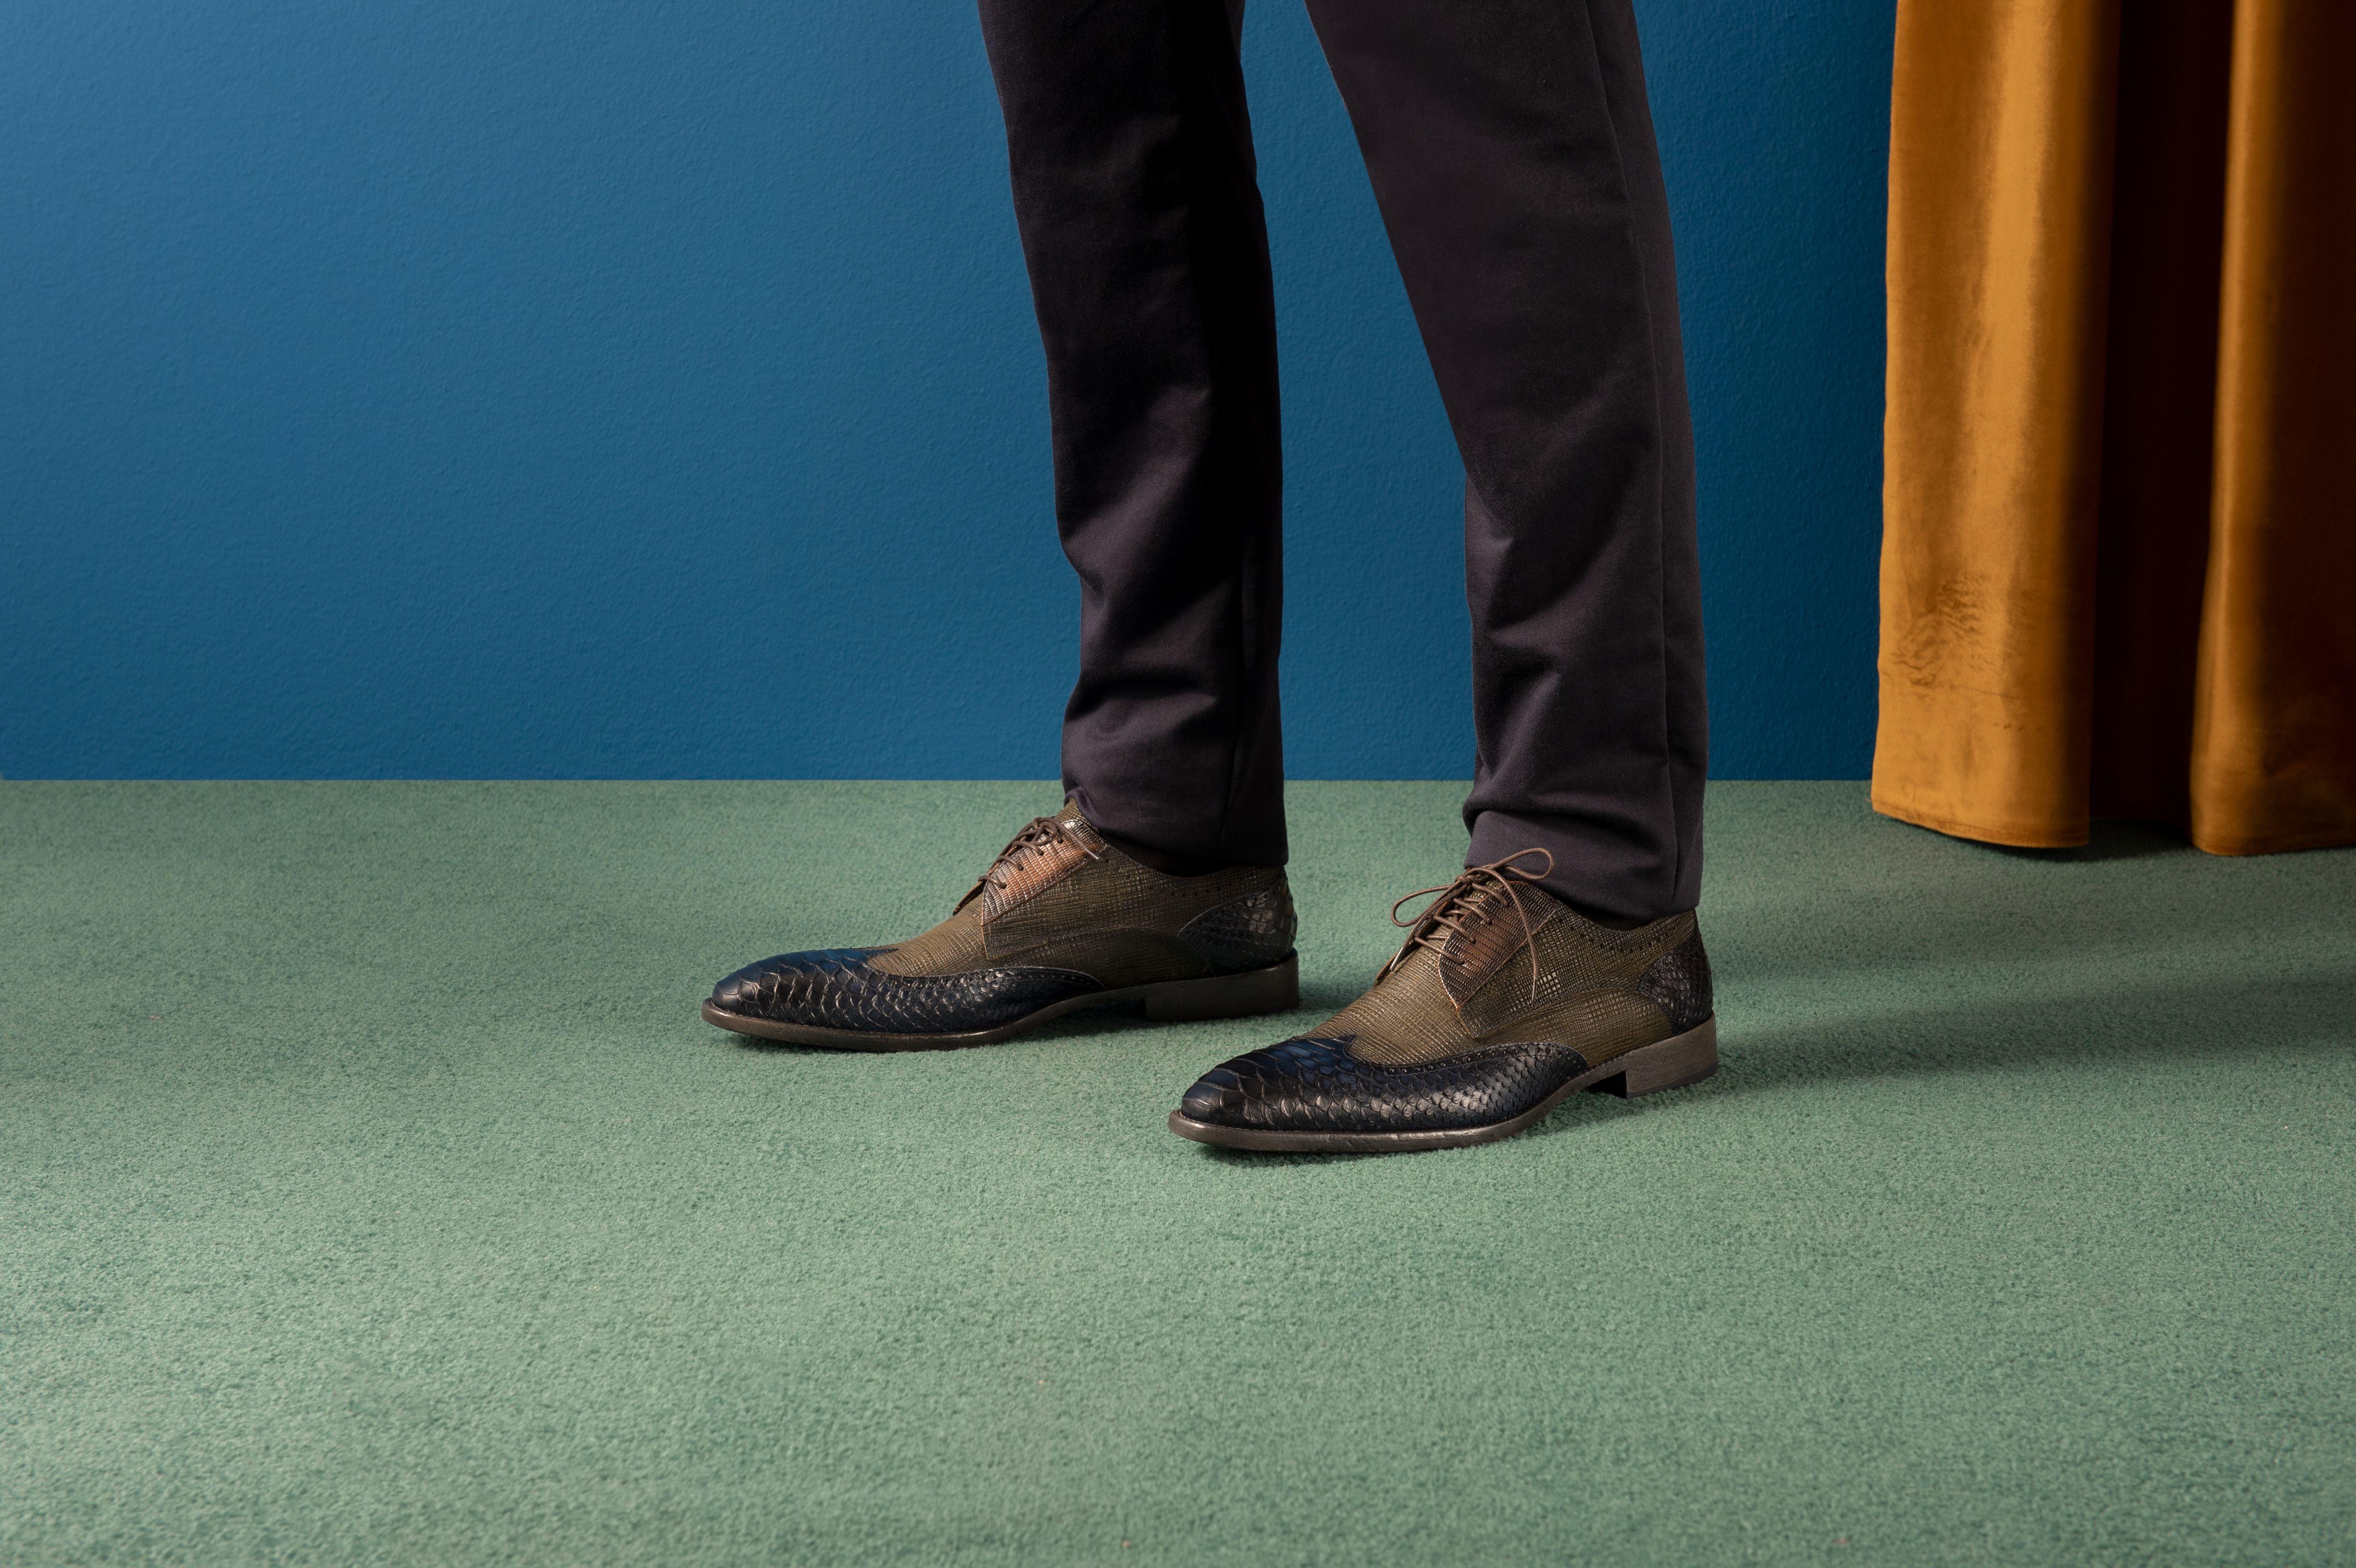 eaf897c6497e5e Shop the shoes at nolten.nl Foto voor Nolten Schoenen Concept & productie:  Mohr